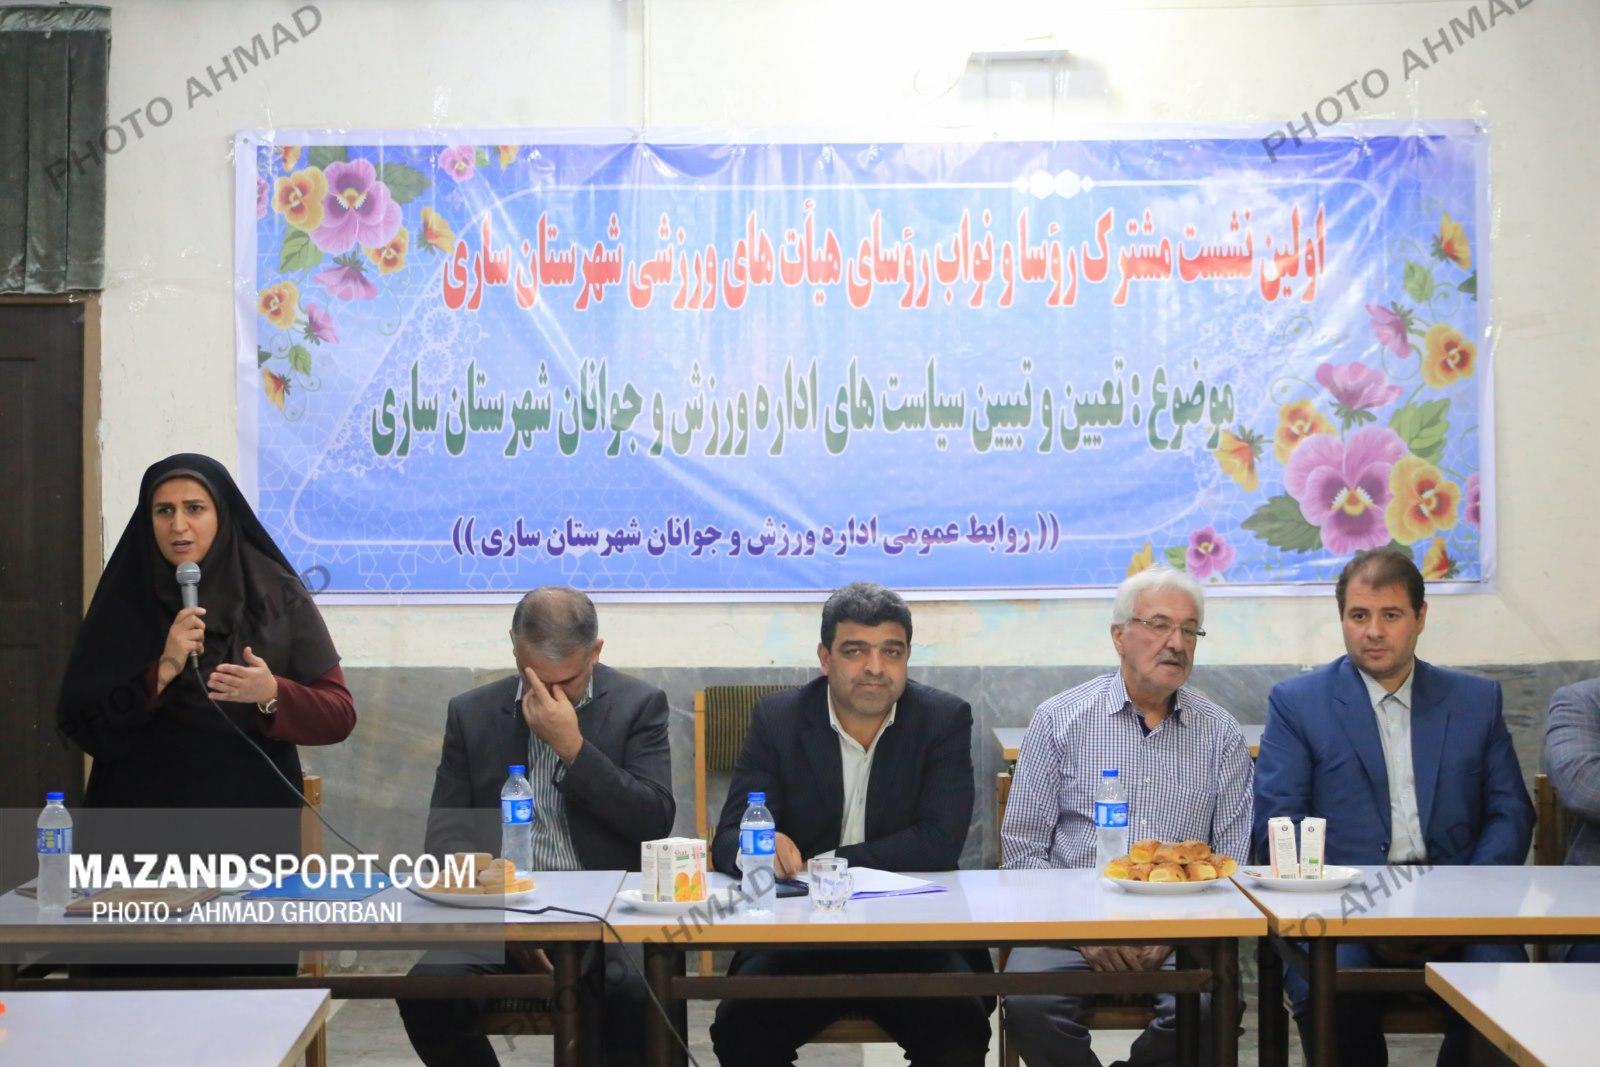 نخستین گردهمایی رئیس ورزش و جوانان با خانواده ورزش شهرستان ساری